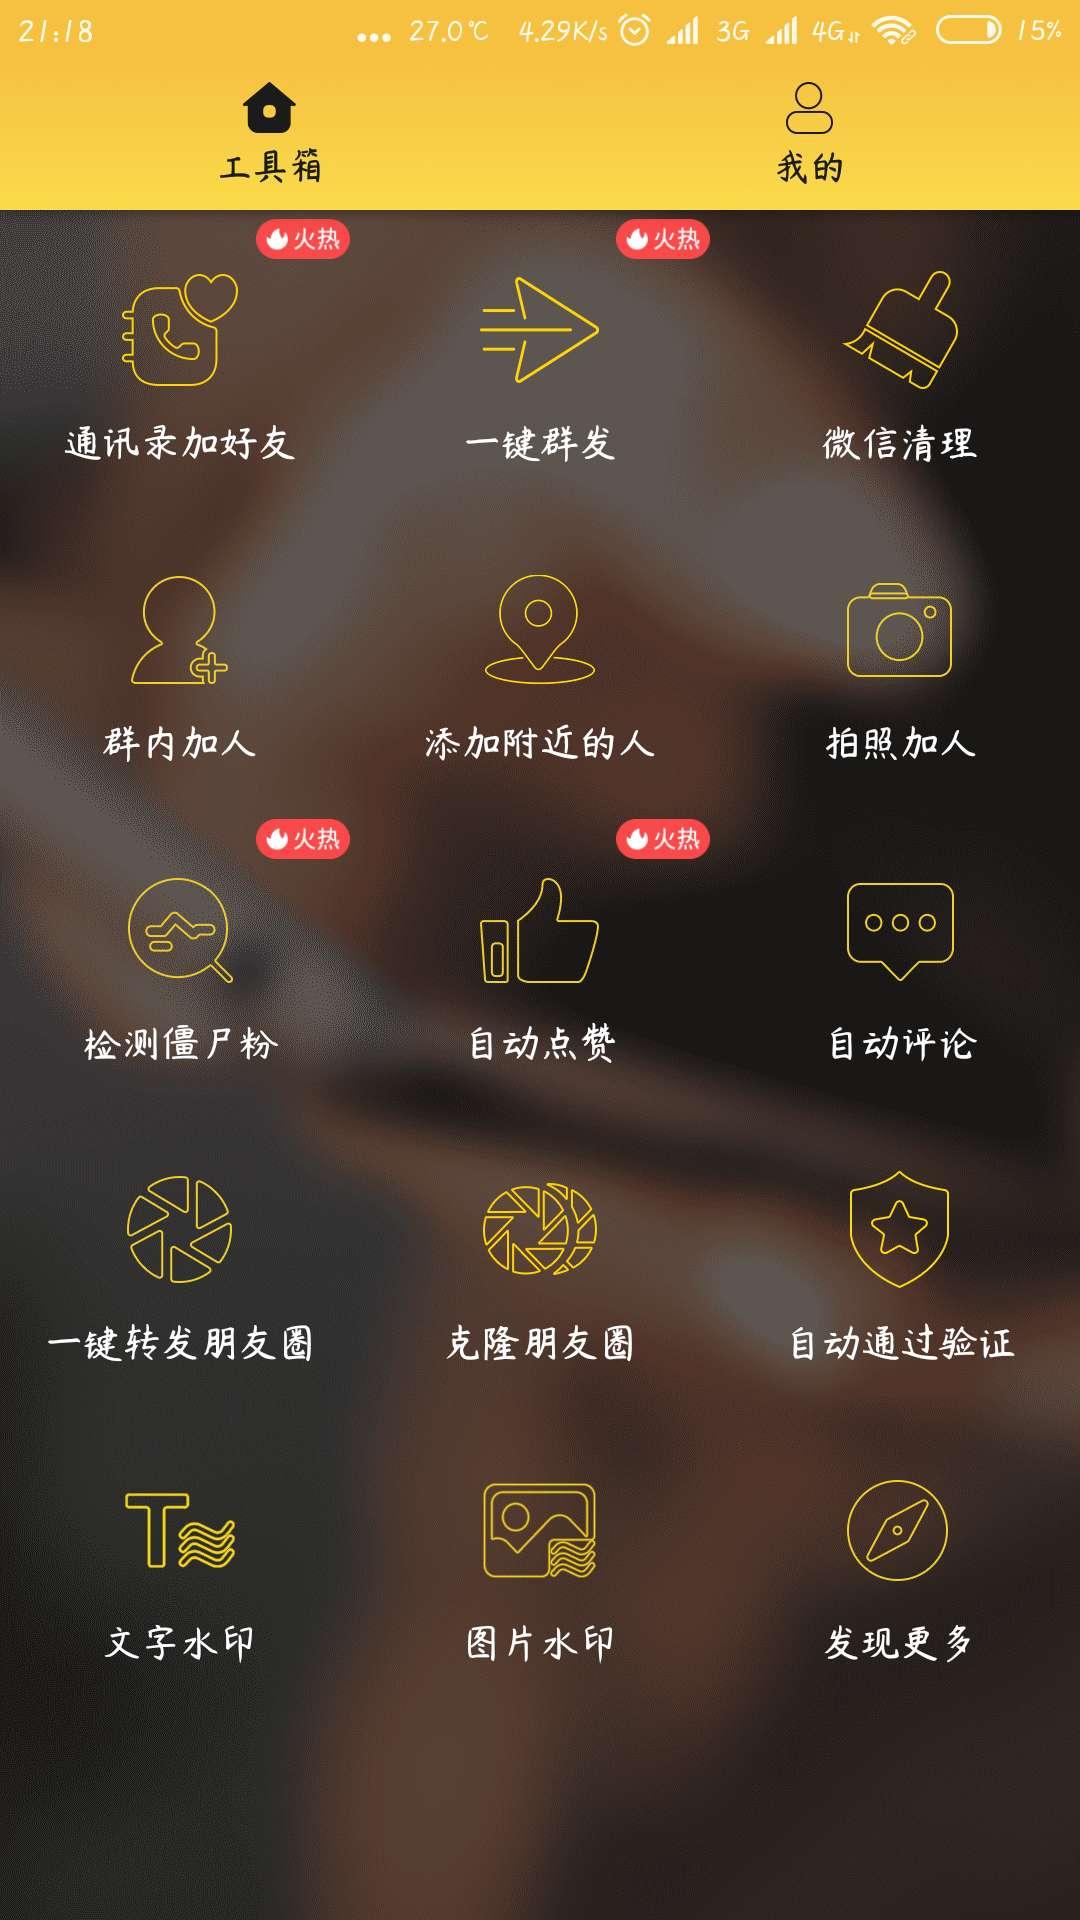 微友人脉v1.2.9 会员免登录完美直装破解版